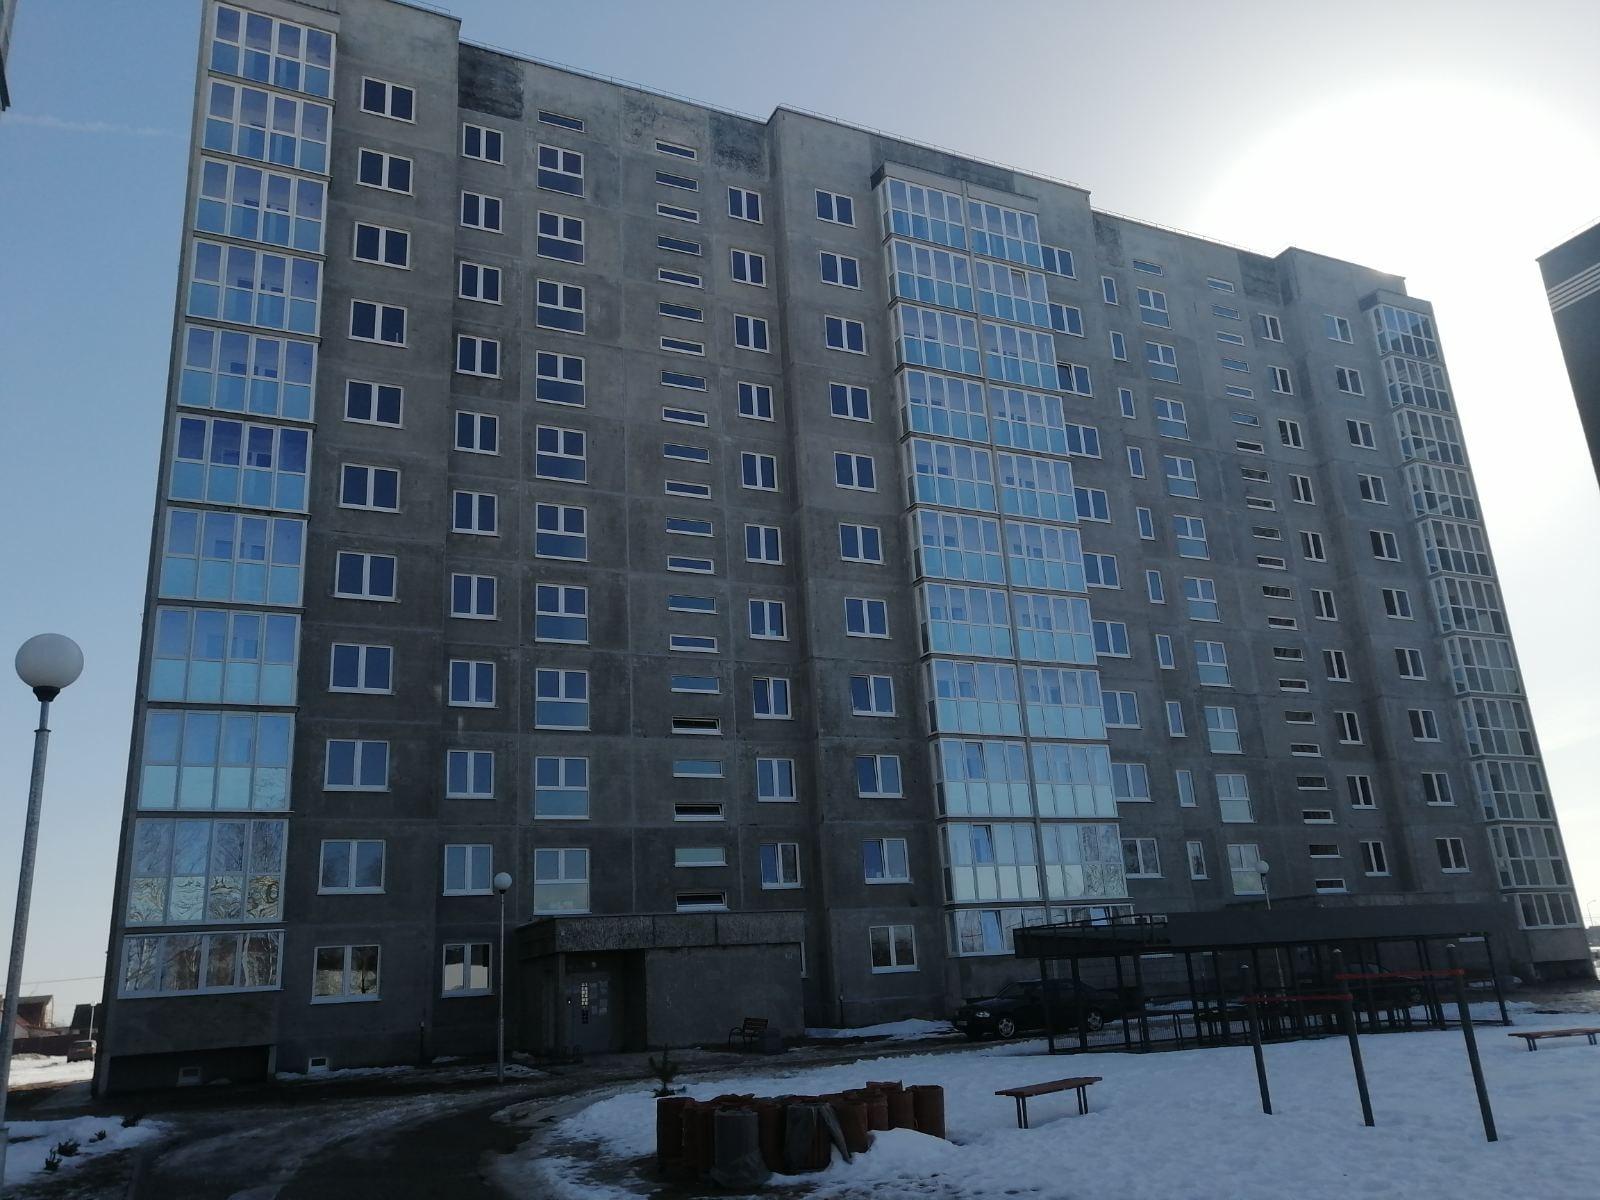 Фото предоставлено жильцами дома №19А на улице Профессиональной